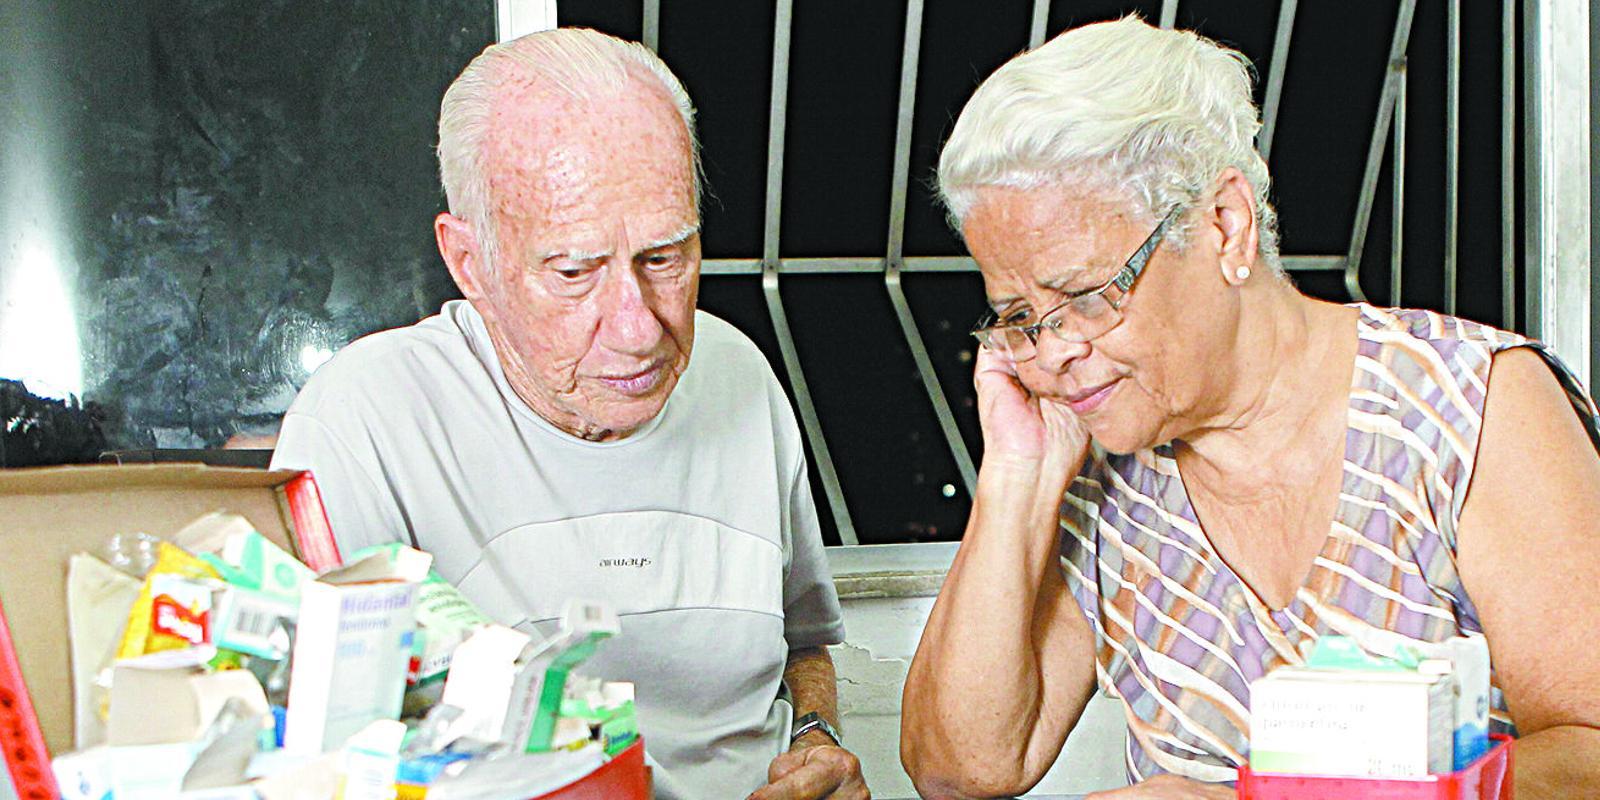 Trabalhador terá de contribuir muito mais para ter aposentadoria tranquila